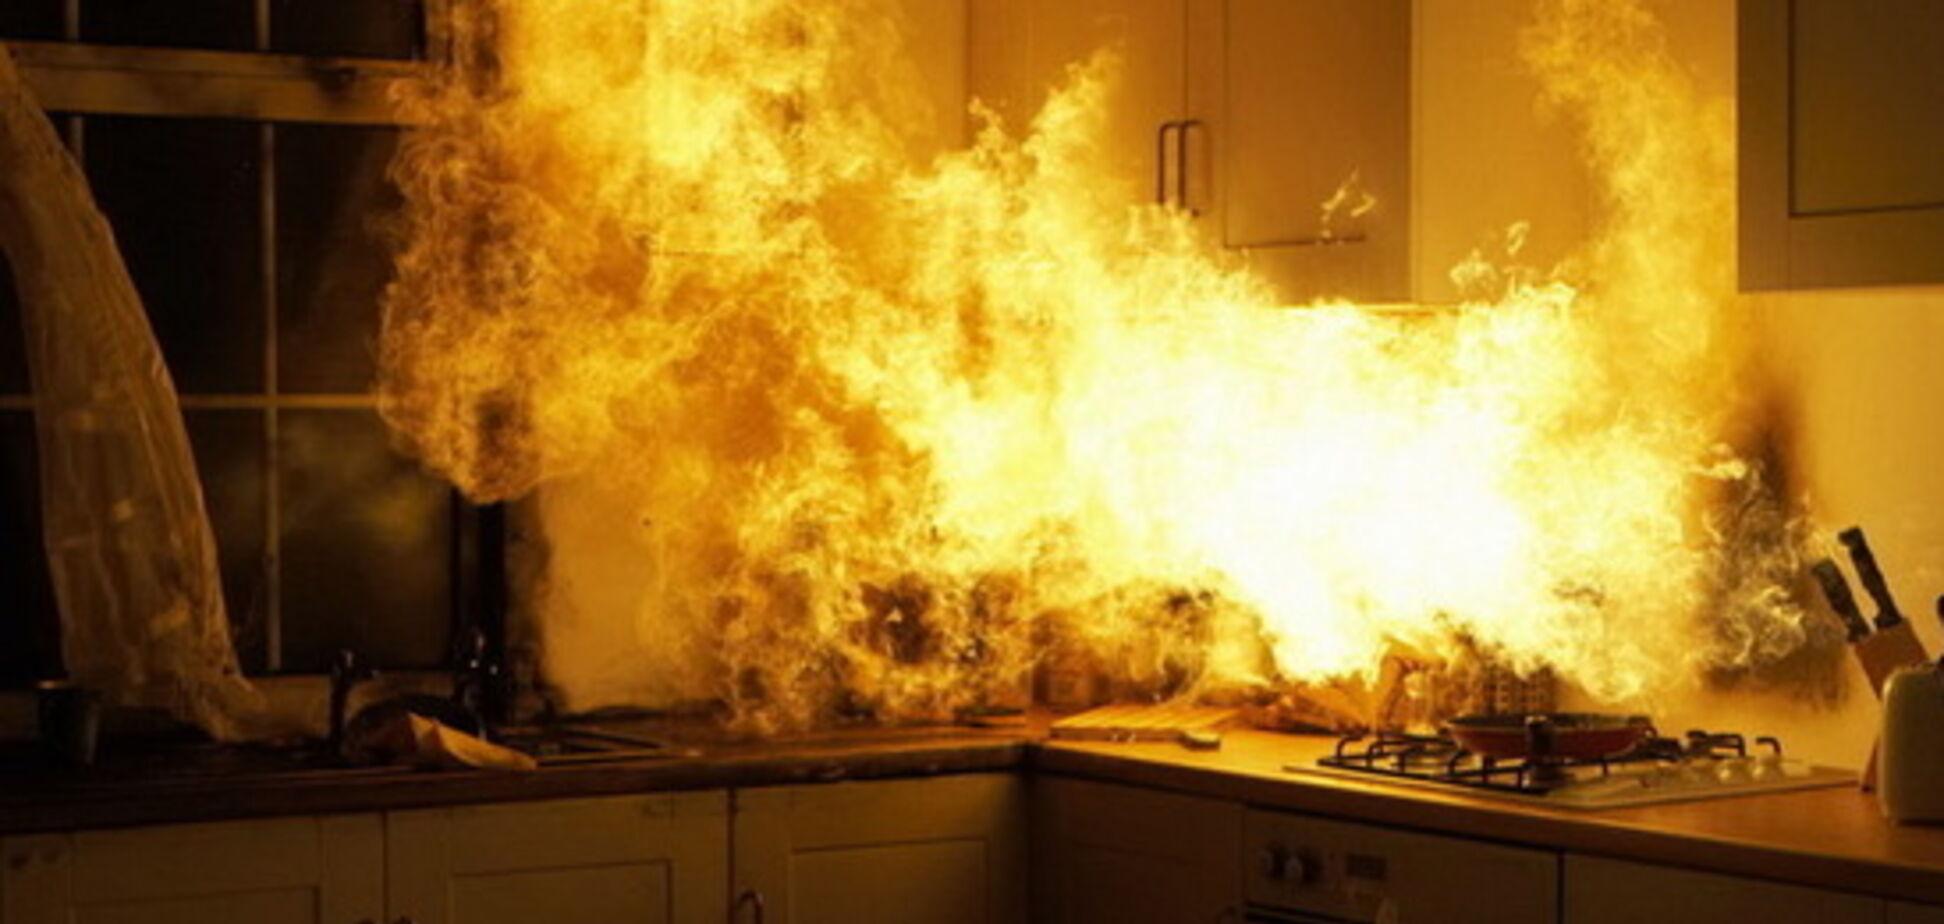 На Днепропетровщине в результате пожара погиб мужчина. Фото с места ЧП